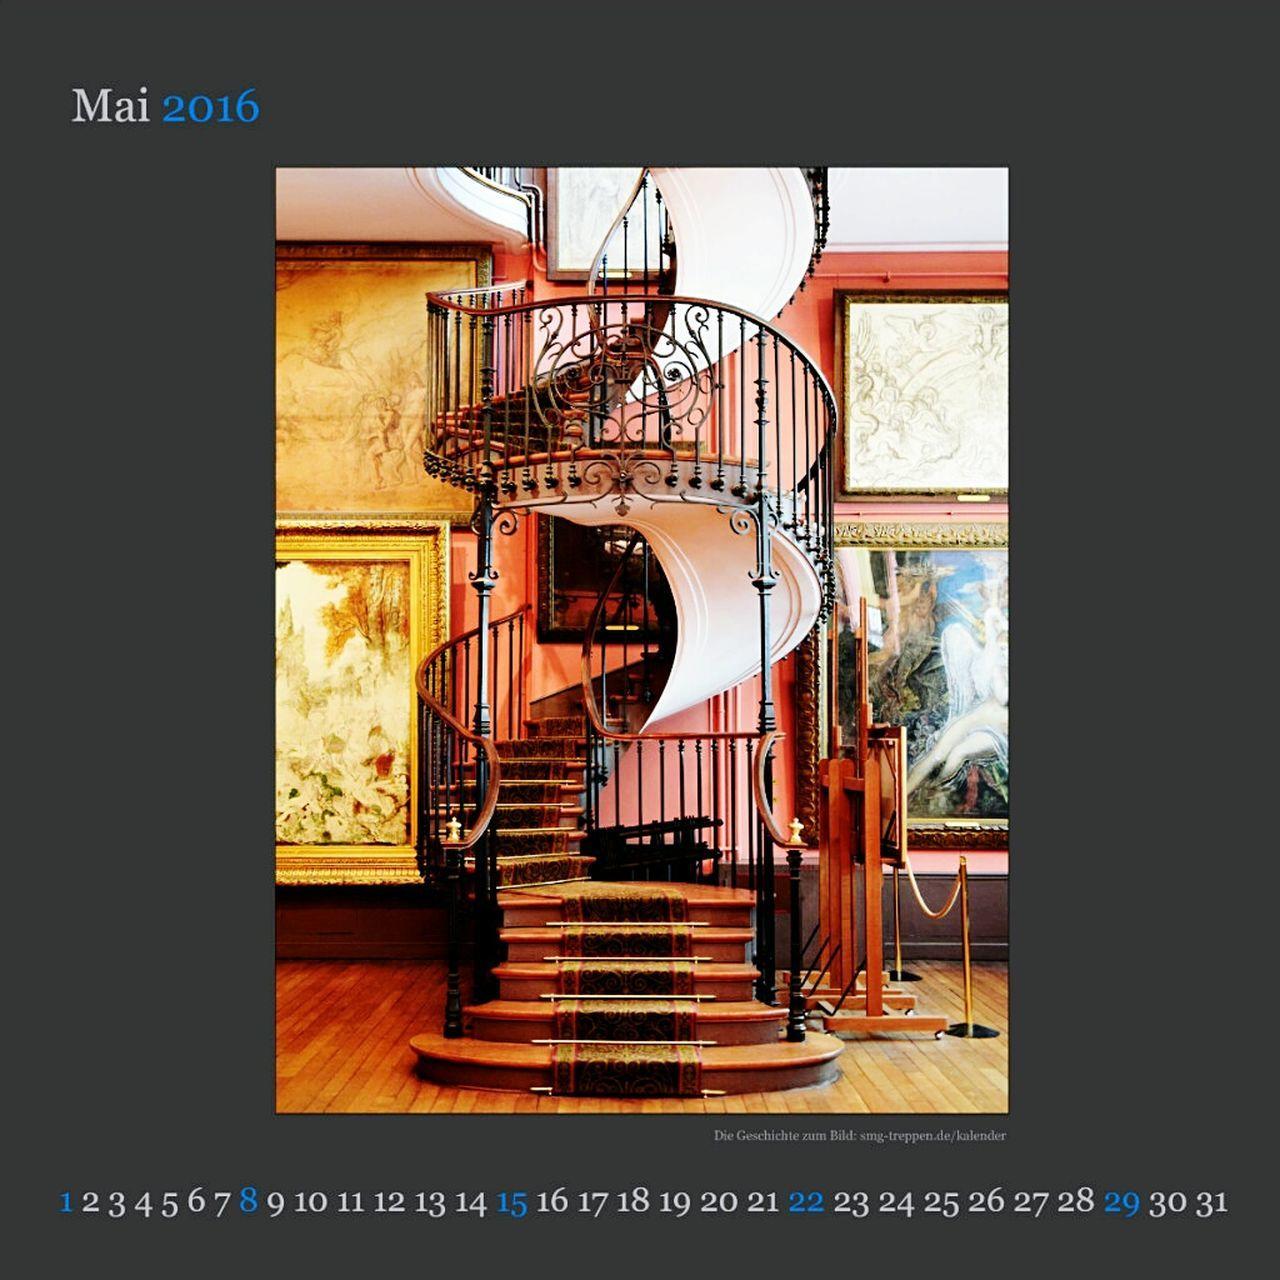 Mai Treppe die Geschichte & der Ort zum Bild gibt es hier: www.smg-treppen.de/kalender Stairs The World Needs More Spiral Staircases Architecture From My Point Of View Photography EyeEm Masterclass Creative Power